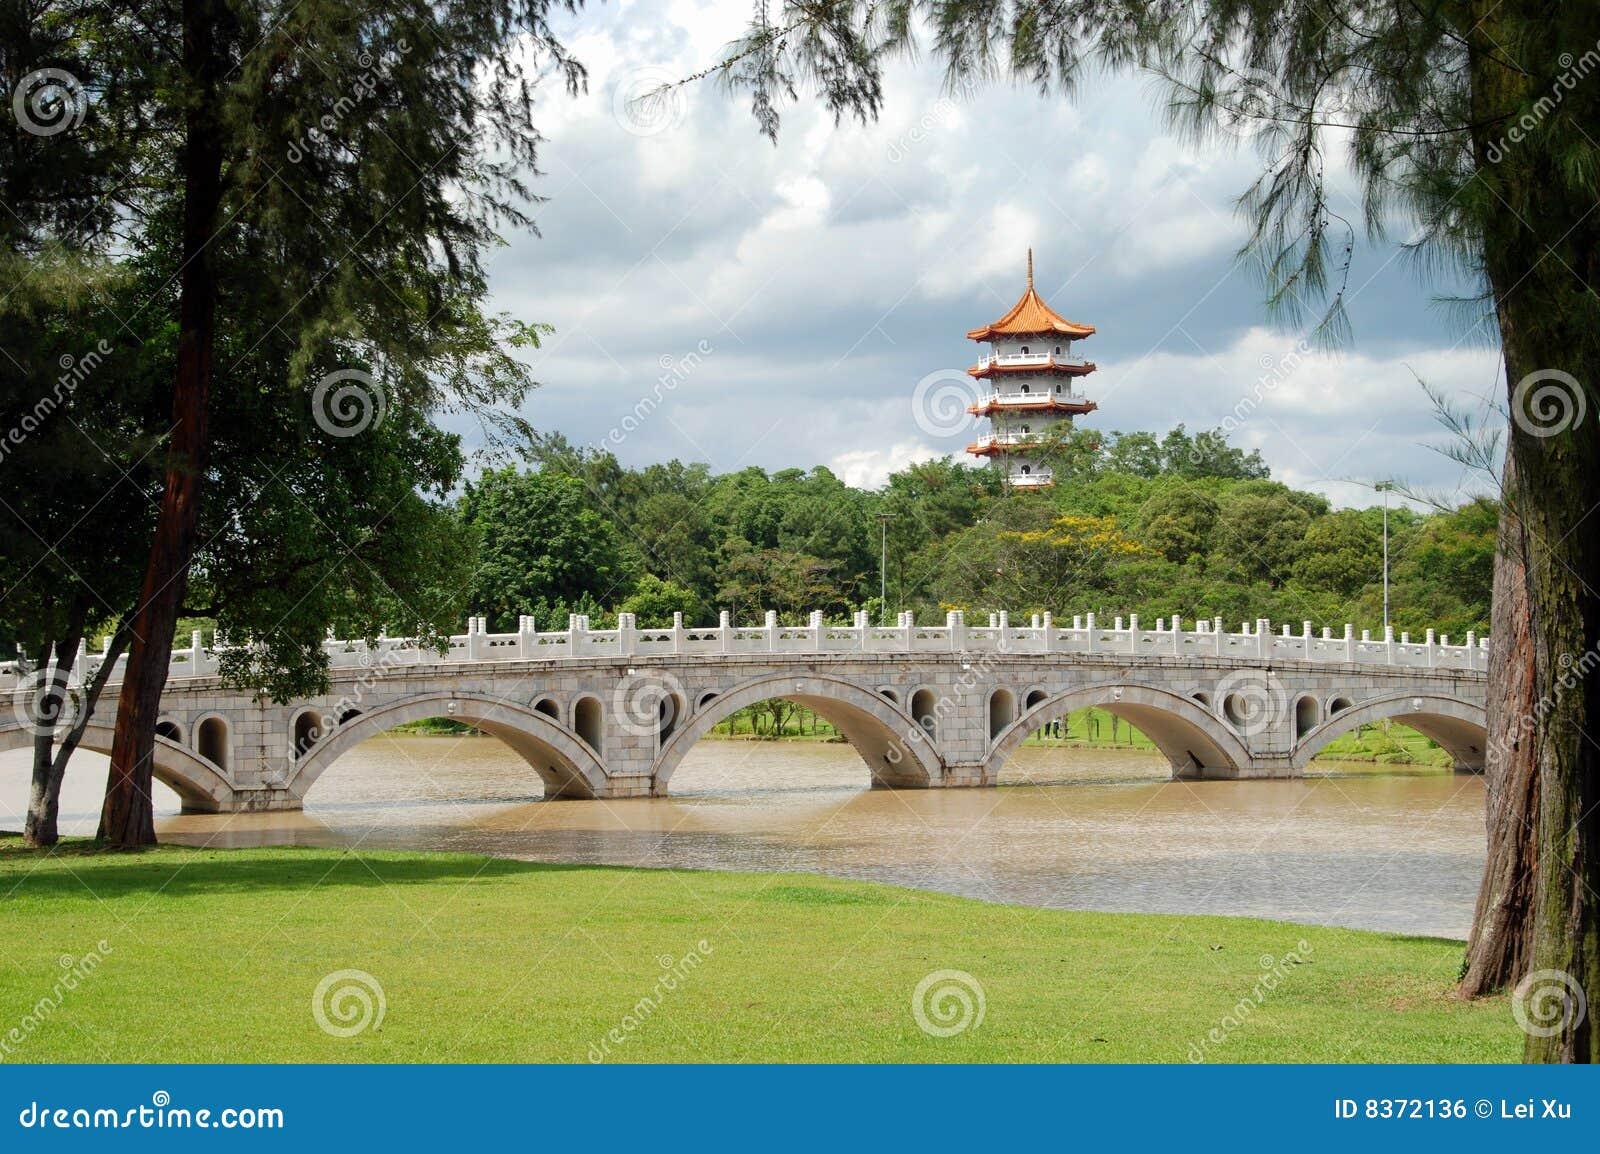 Singapur: Chinesische Garten-Brücke Und Pagode Stockfoto - Bild von ...